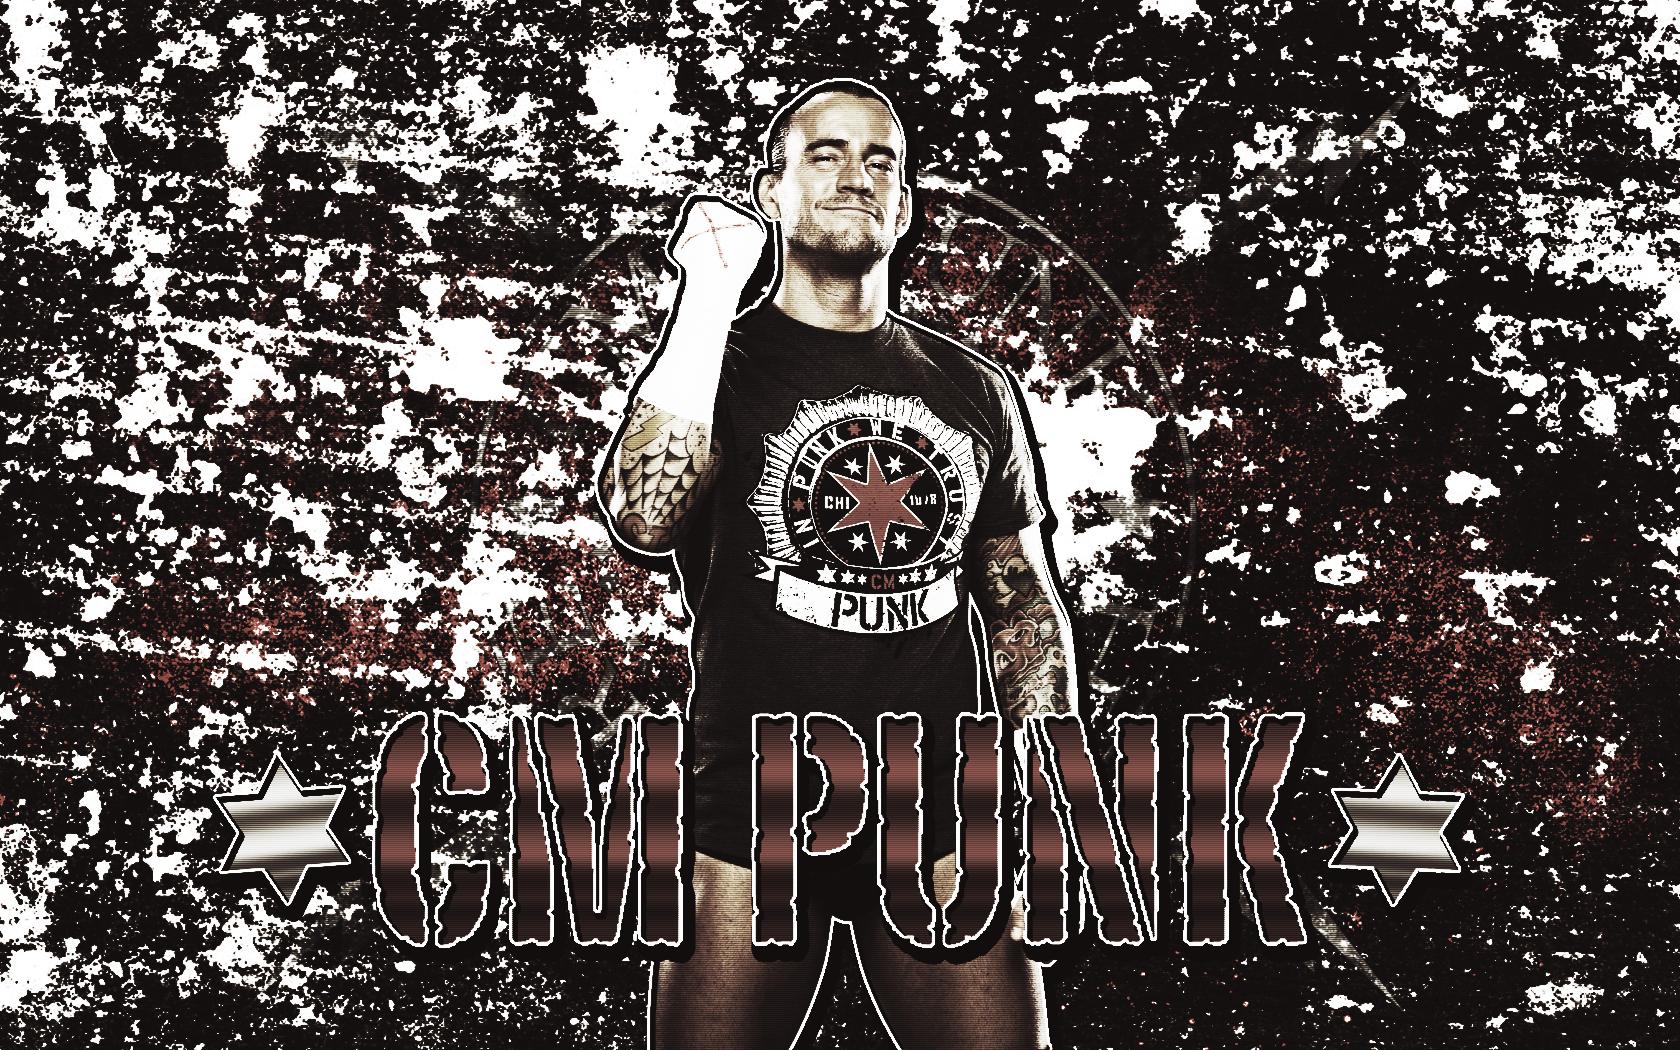 WWE CM Punk Wallpaper 2016 by